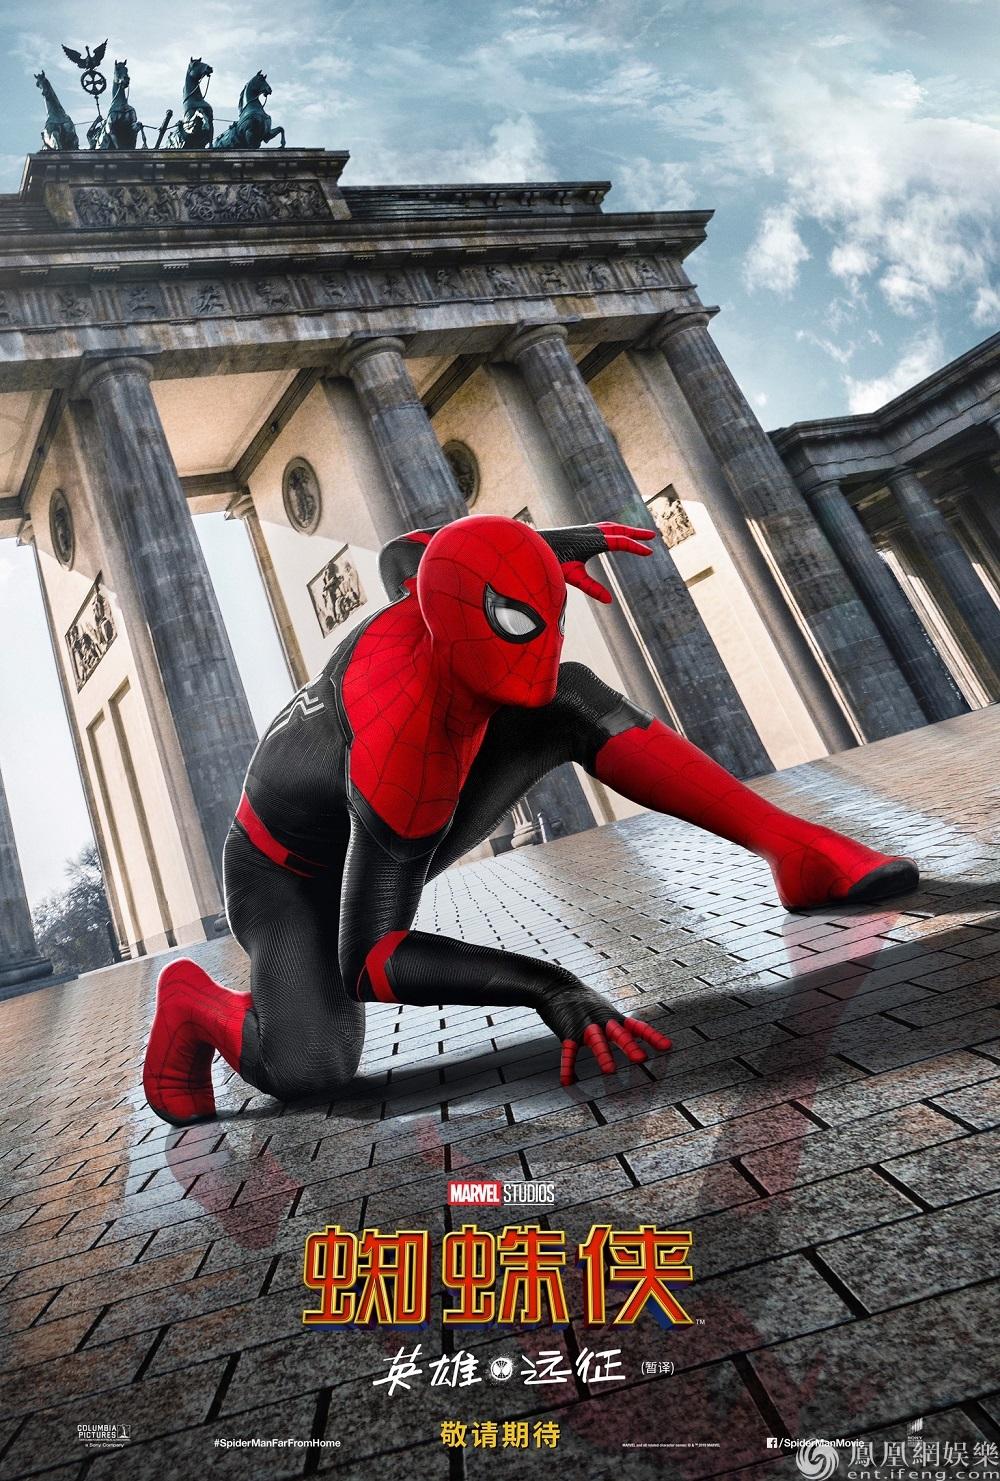 《蜘蛛侠:英雄远征》举办主题创作大赛 网友竞相参与